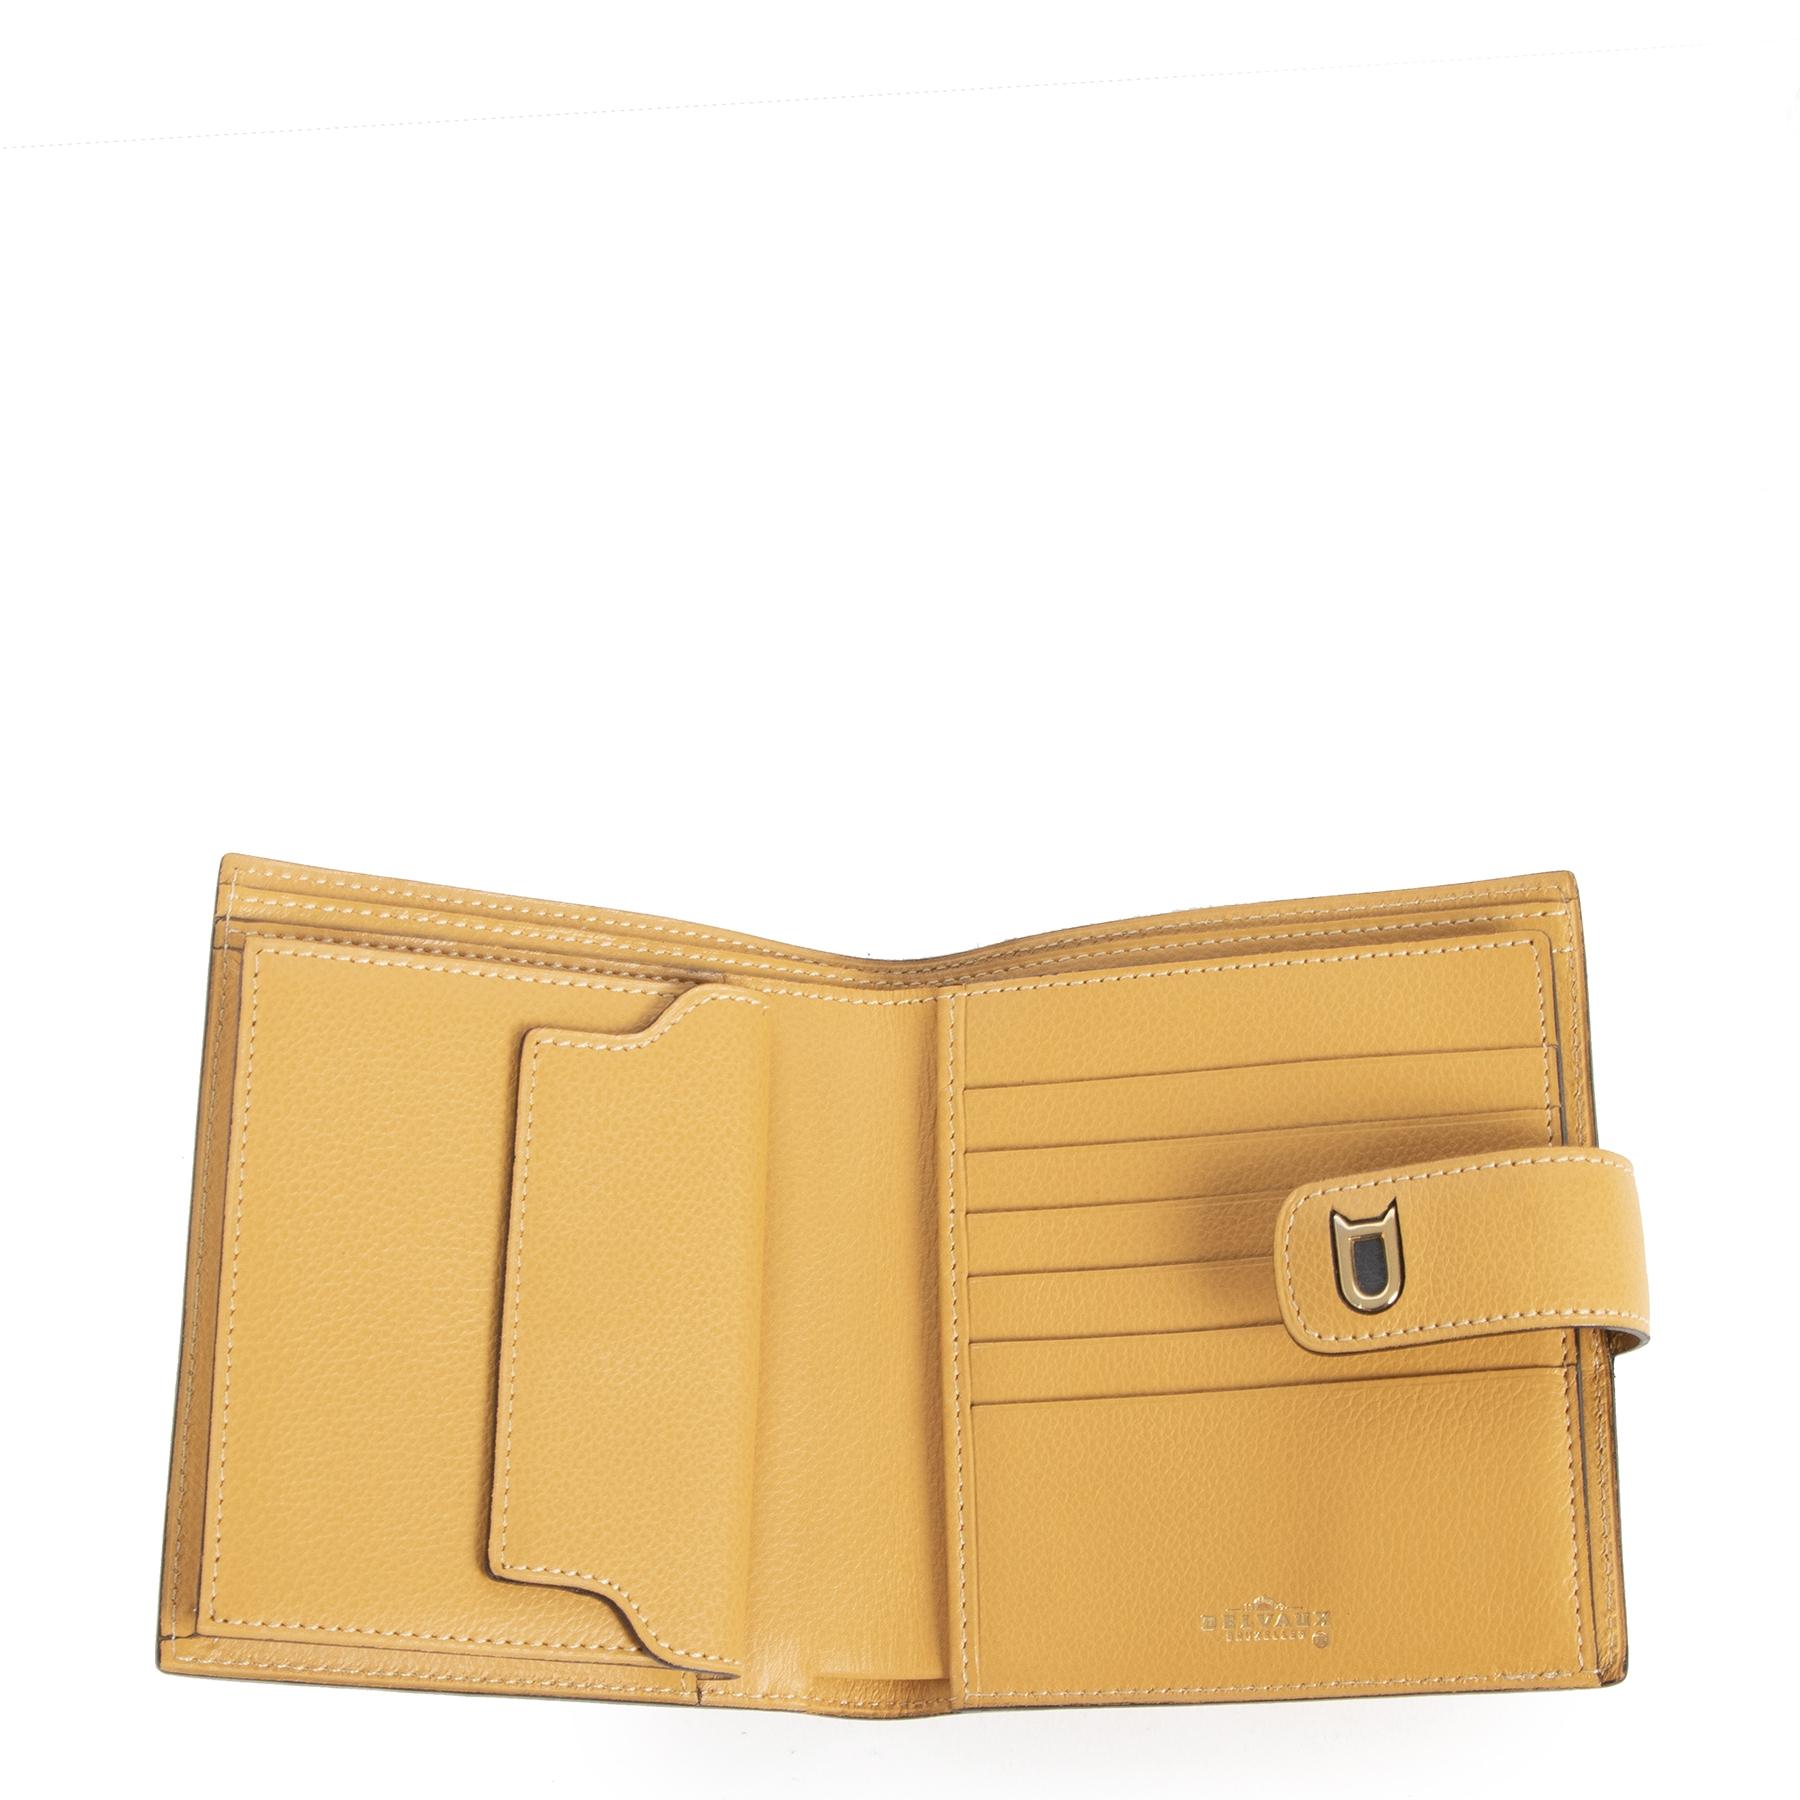 Authentieke tweedehands vintage Delvaux Ochre Leather Wallet koop online webshop LabelLOV